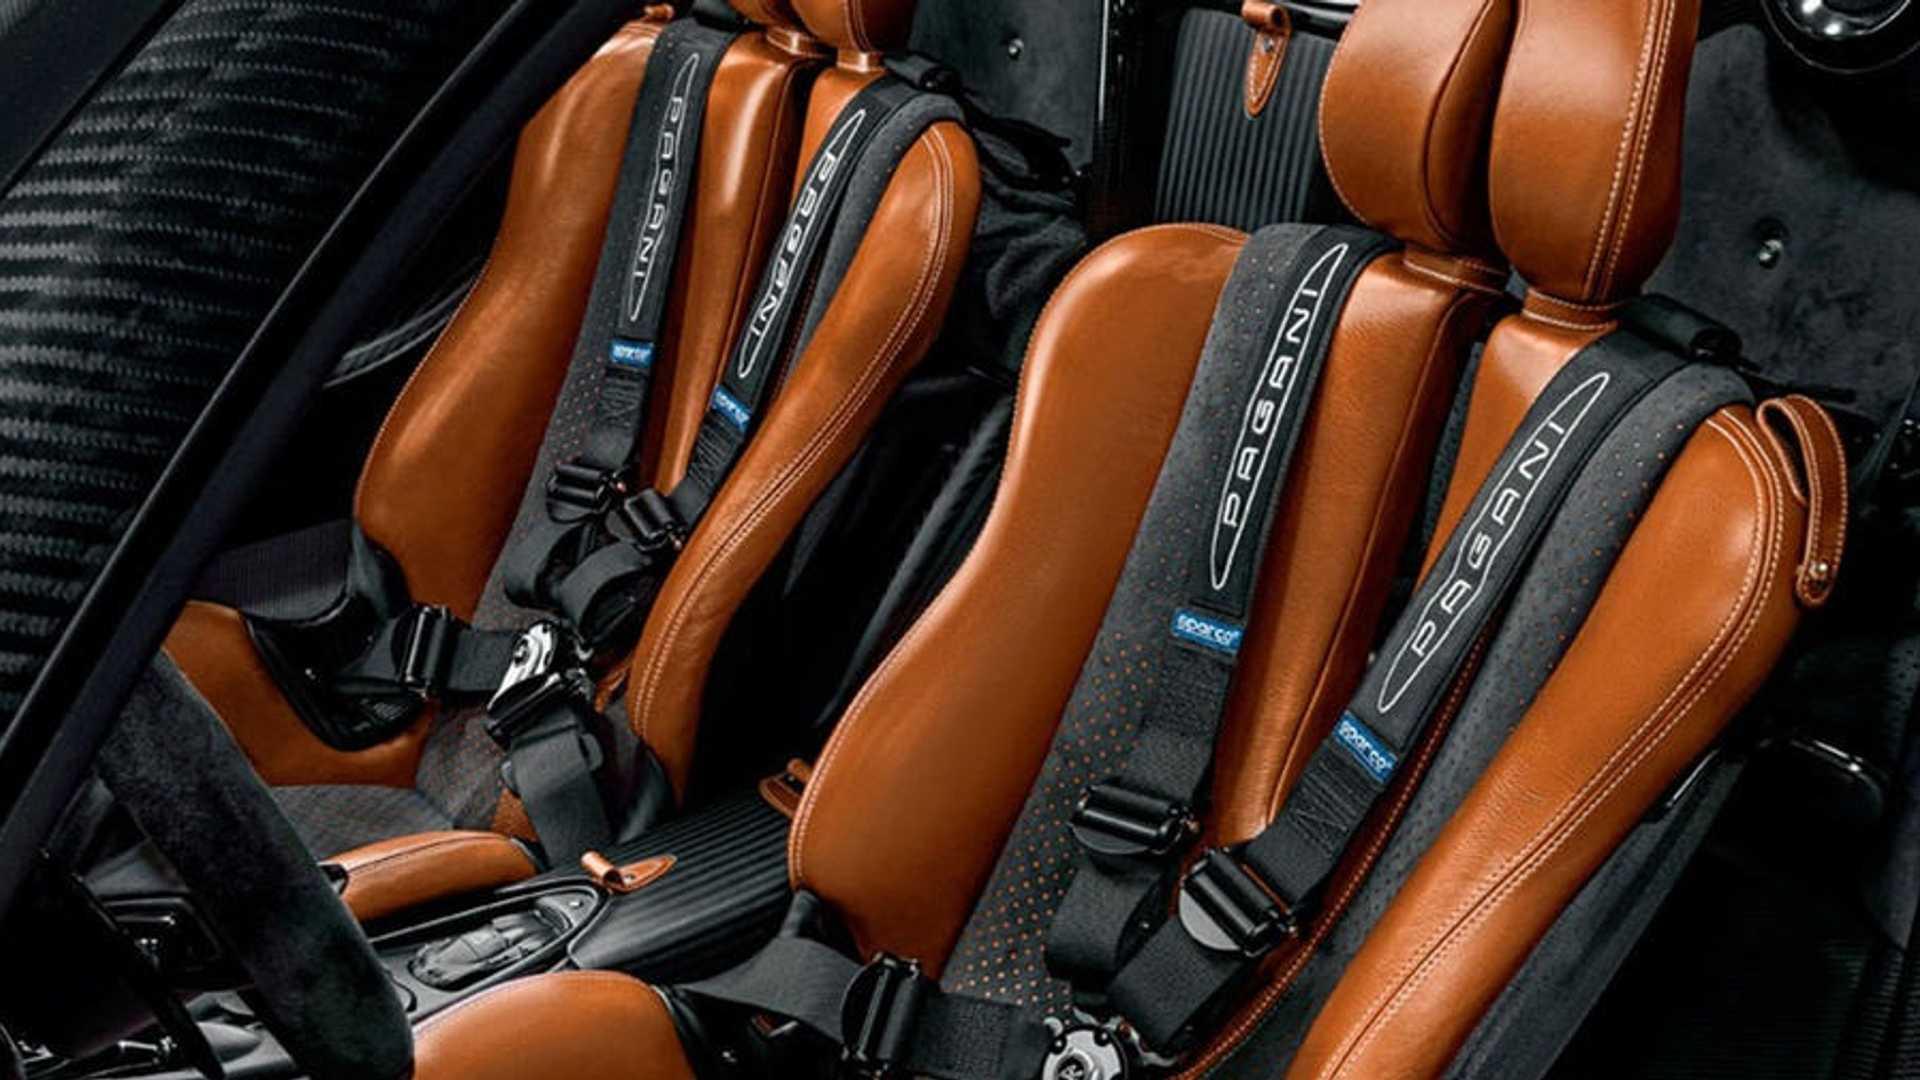 Huayra Roadster BC mới của Pagani siêu phẩm Hypercar V12 đắt giá 3,4 triệu USD - 17